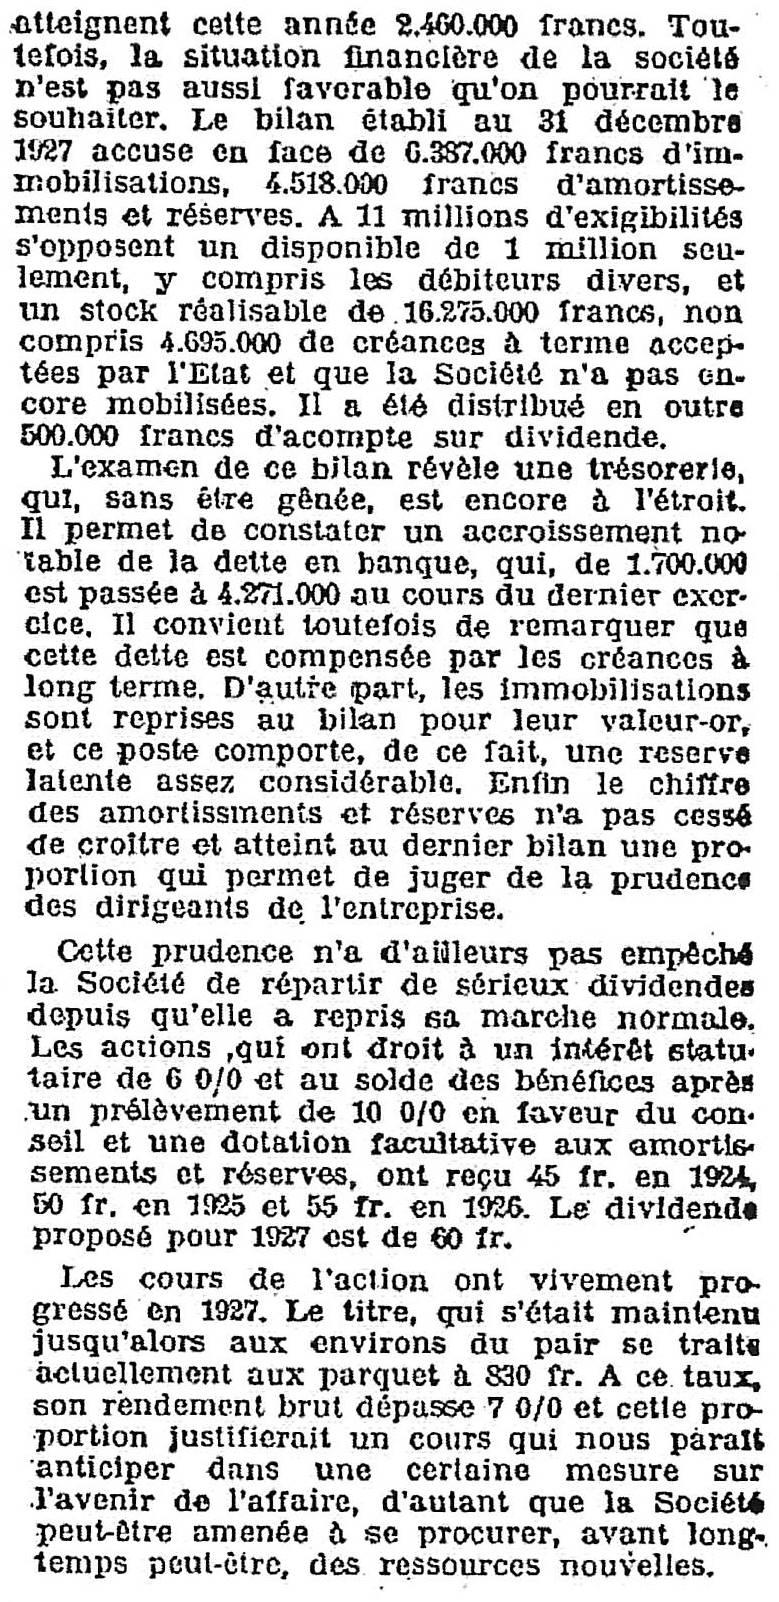 Journal des Finances - 2 Mars 1928 - deuxième partie